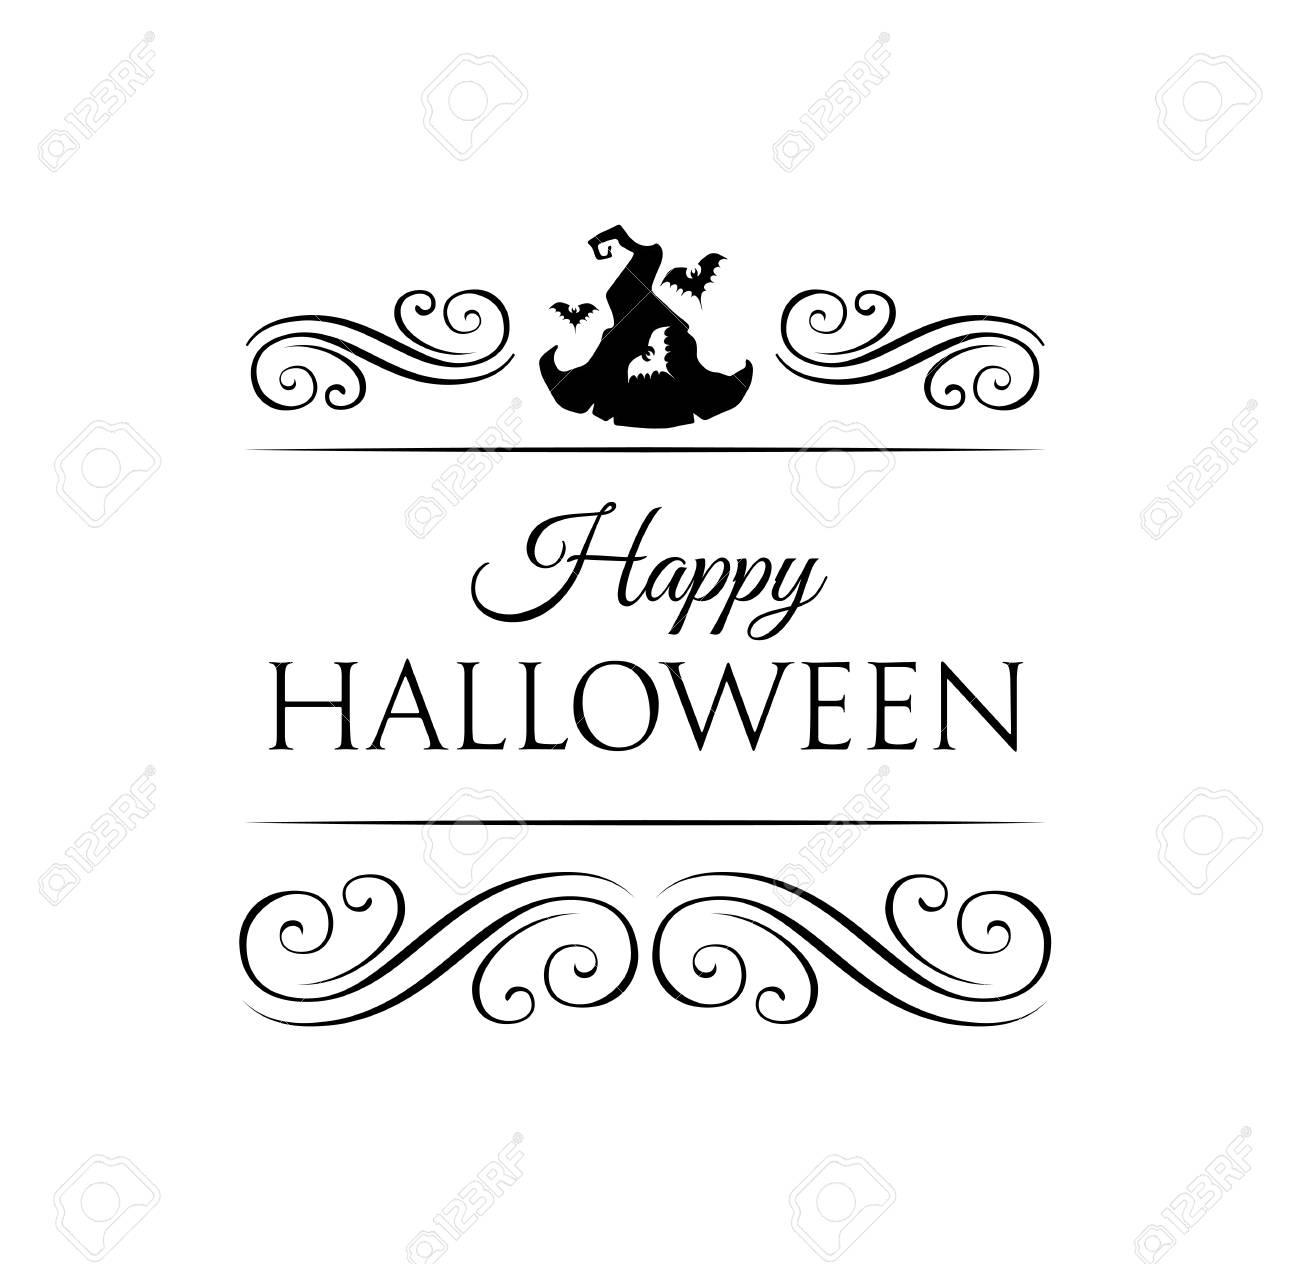 バットと帽子の魔女と可愛いハッピーハロウィン カード。 イラスト